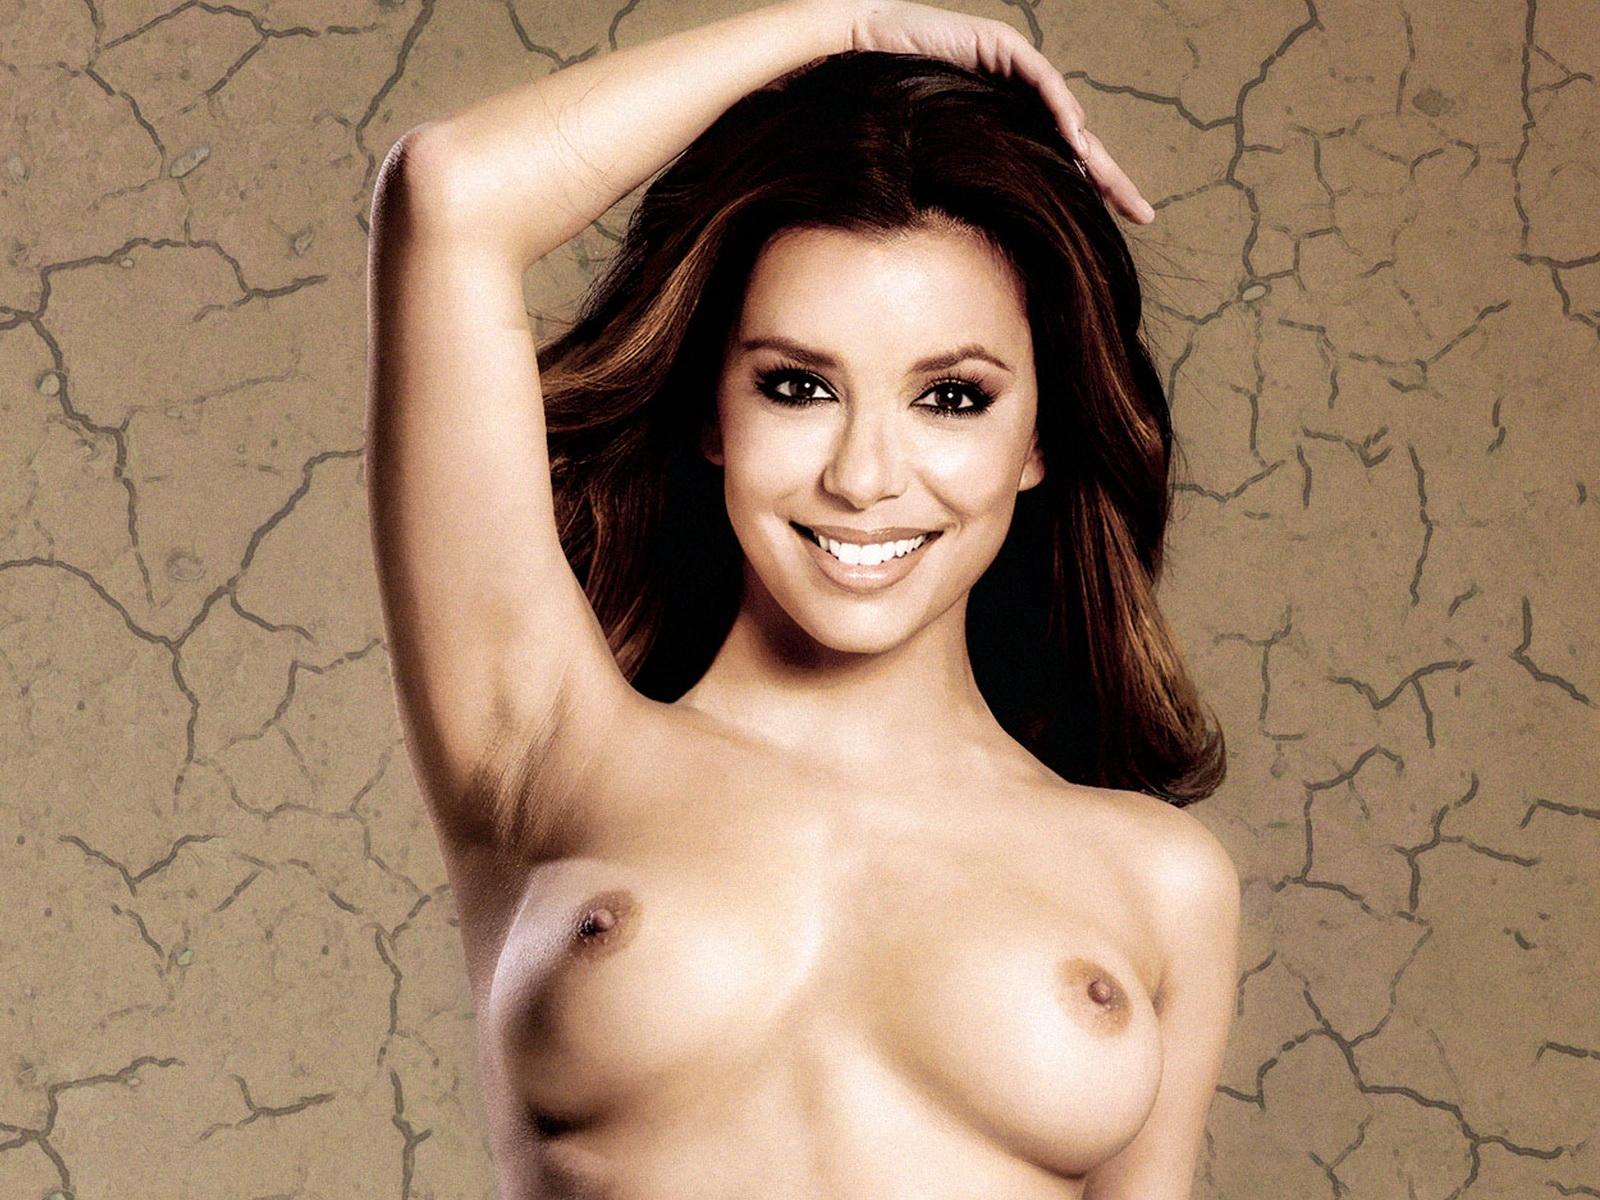 Eva Longoria young naked photosession UHQ